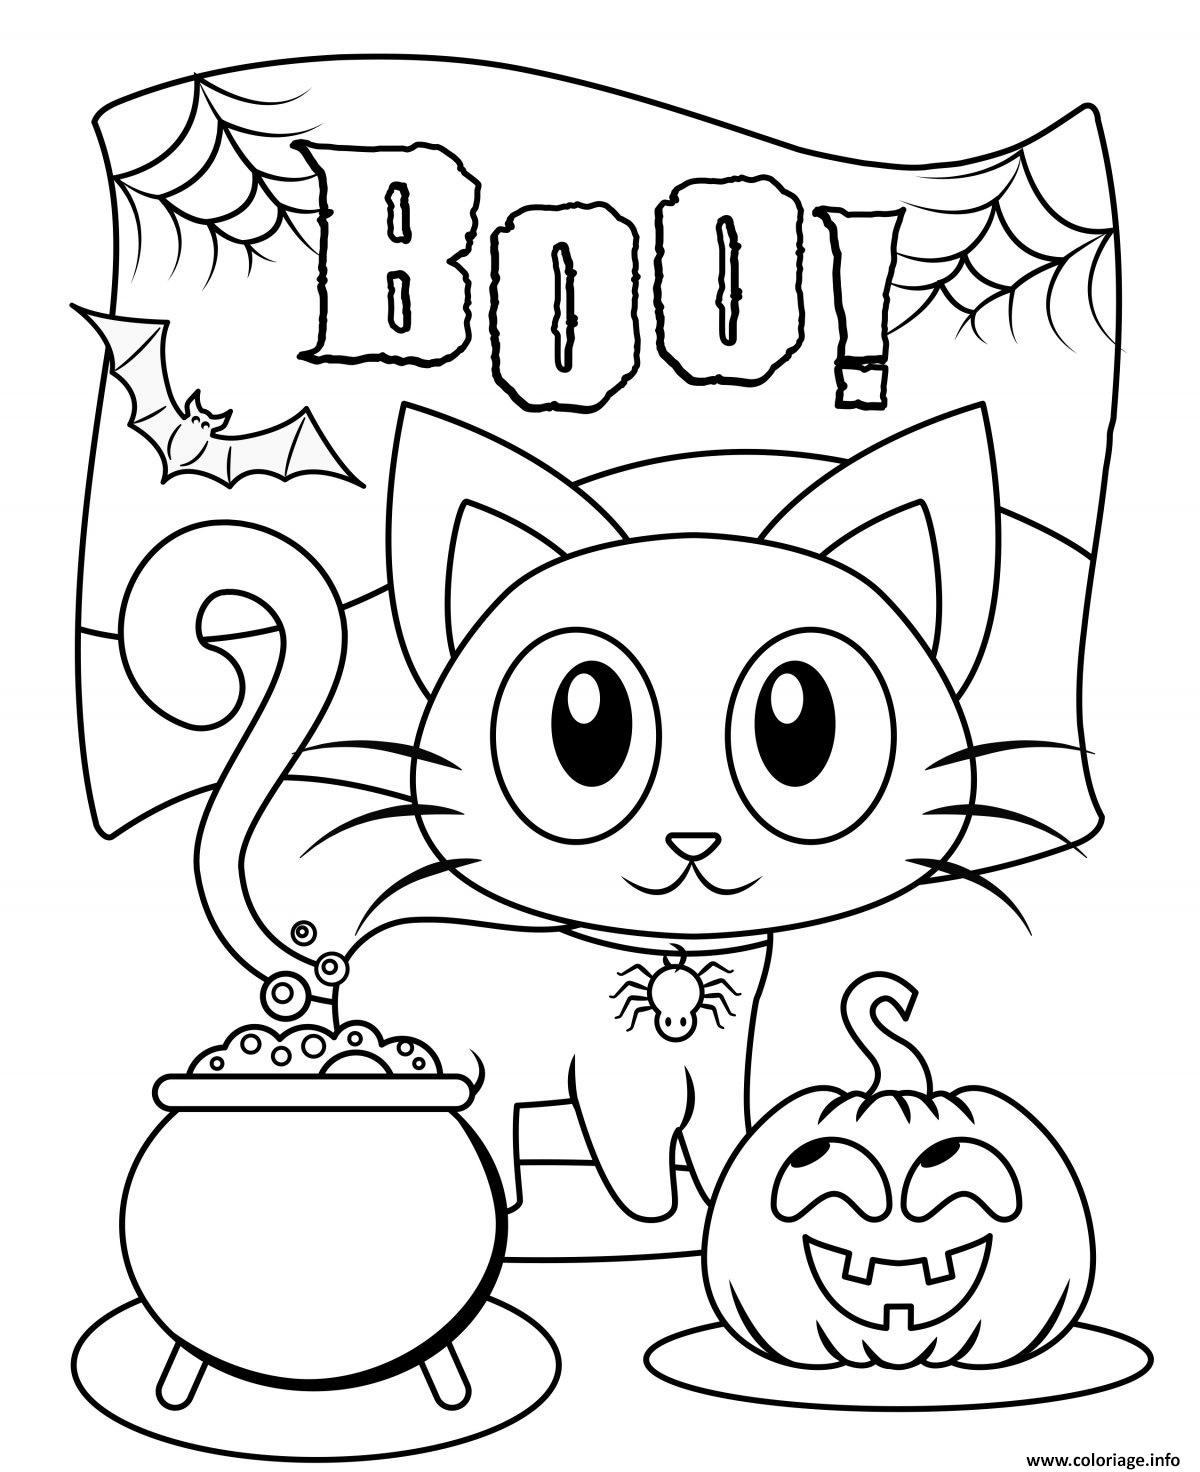 Coloriage Halloween Boo Chat Noir Citrouille Dessin